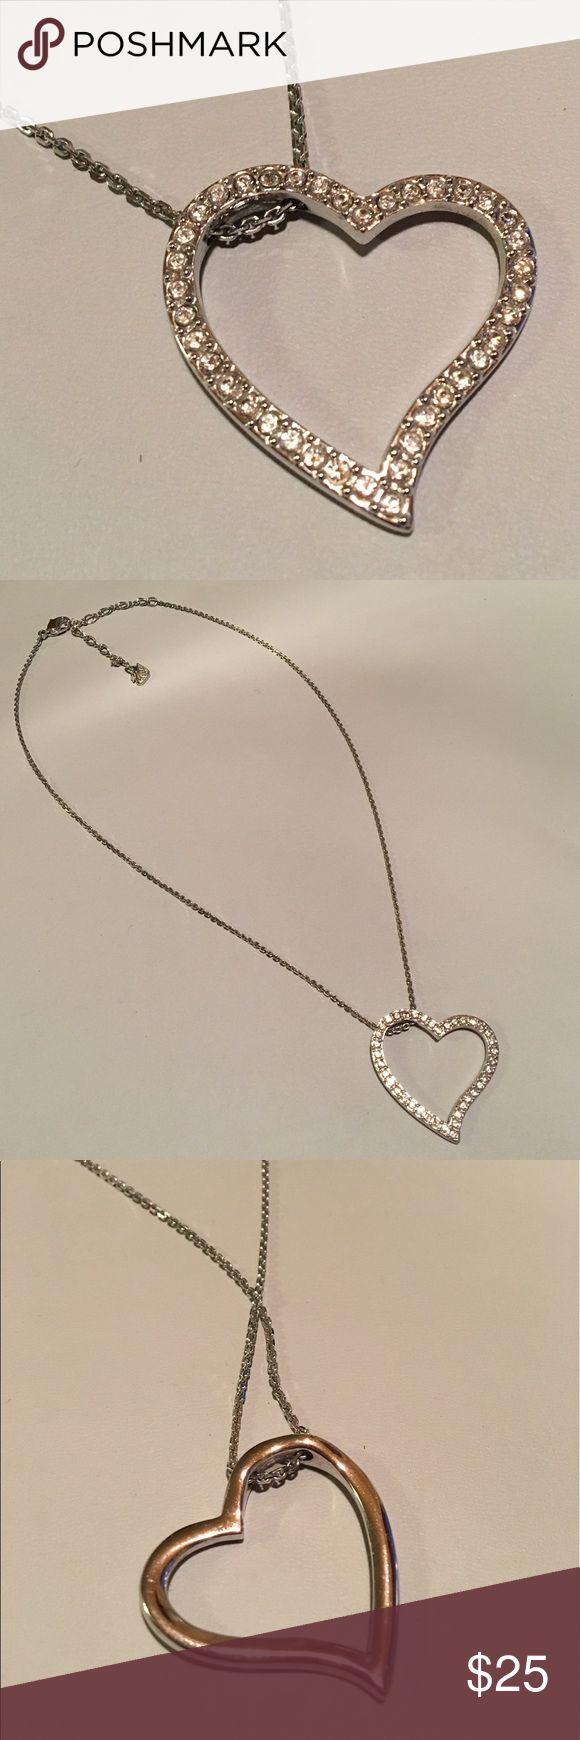 Swarovski heart pendant Swarovski heart pendant Swarovski Jewelry Necklaces